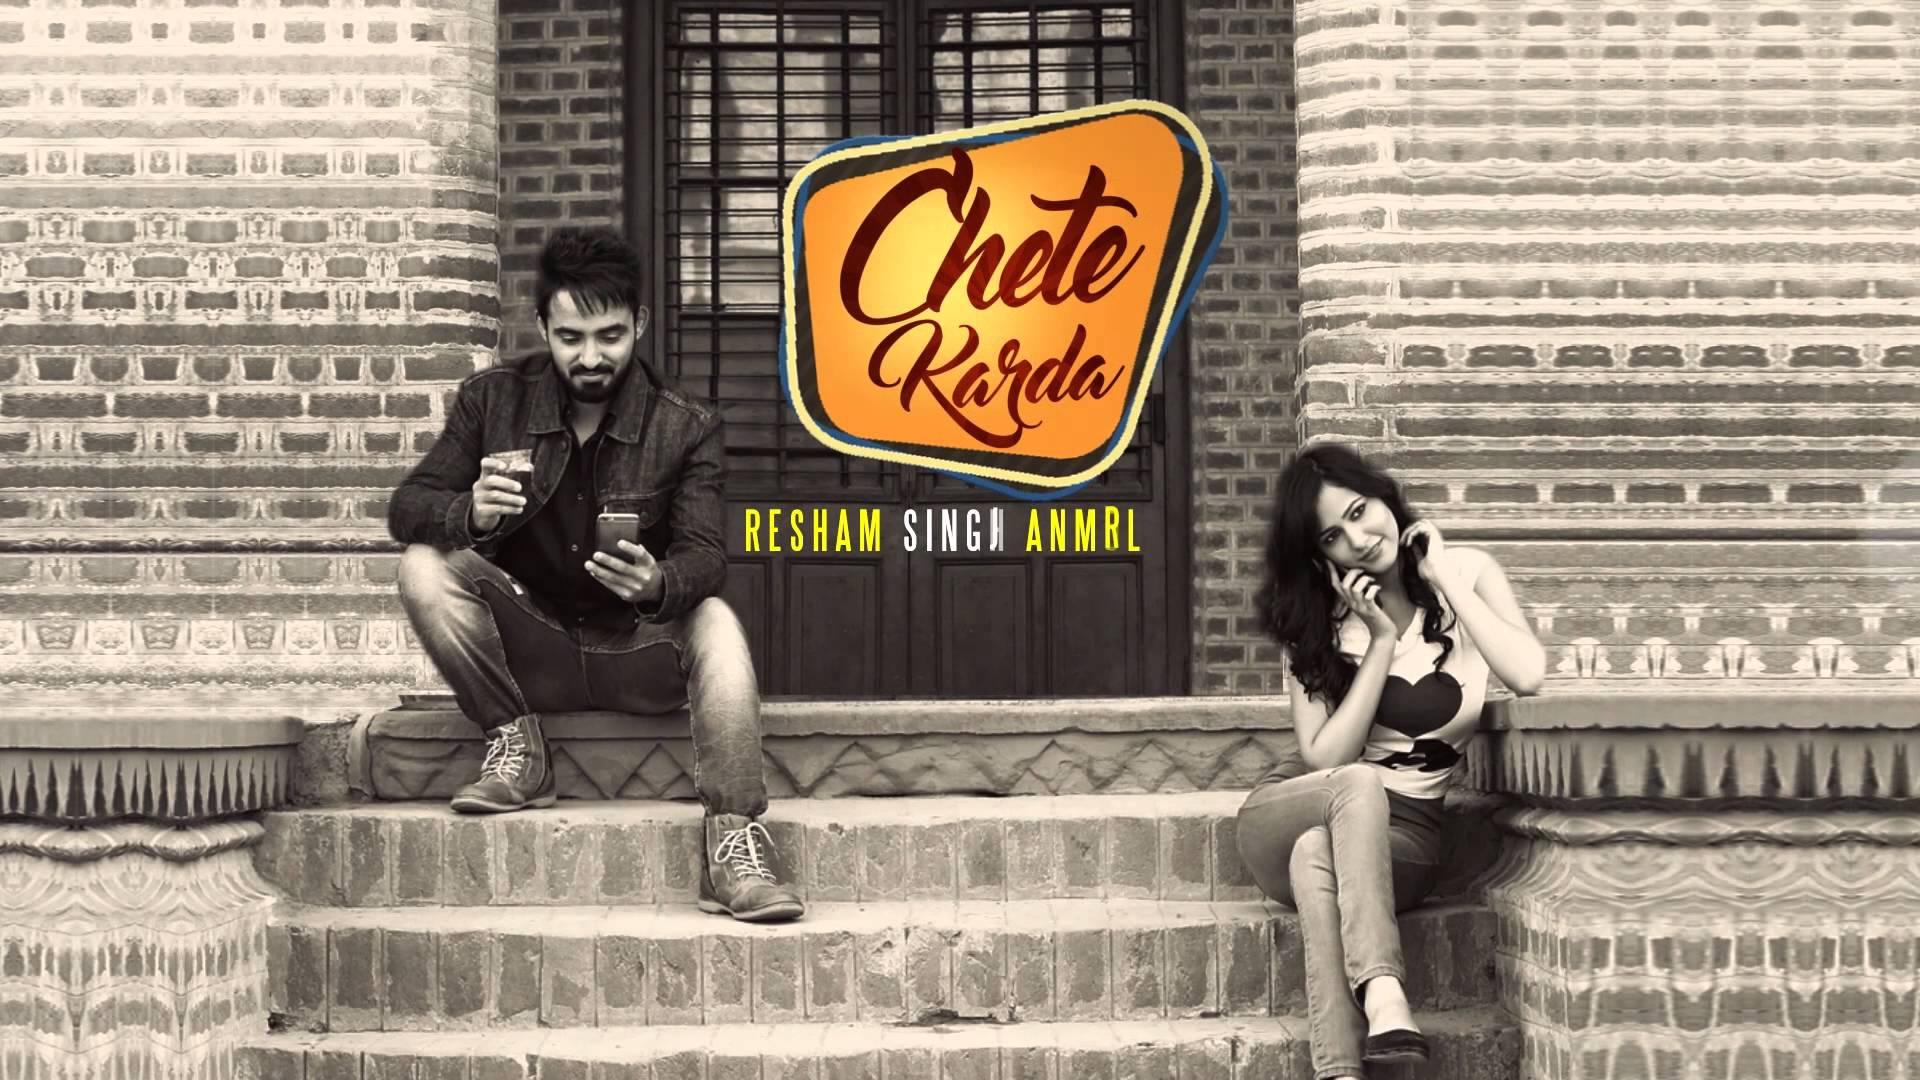 CHETE KARDA LYRICS – Resham Singh Anmol